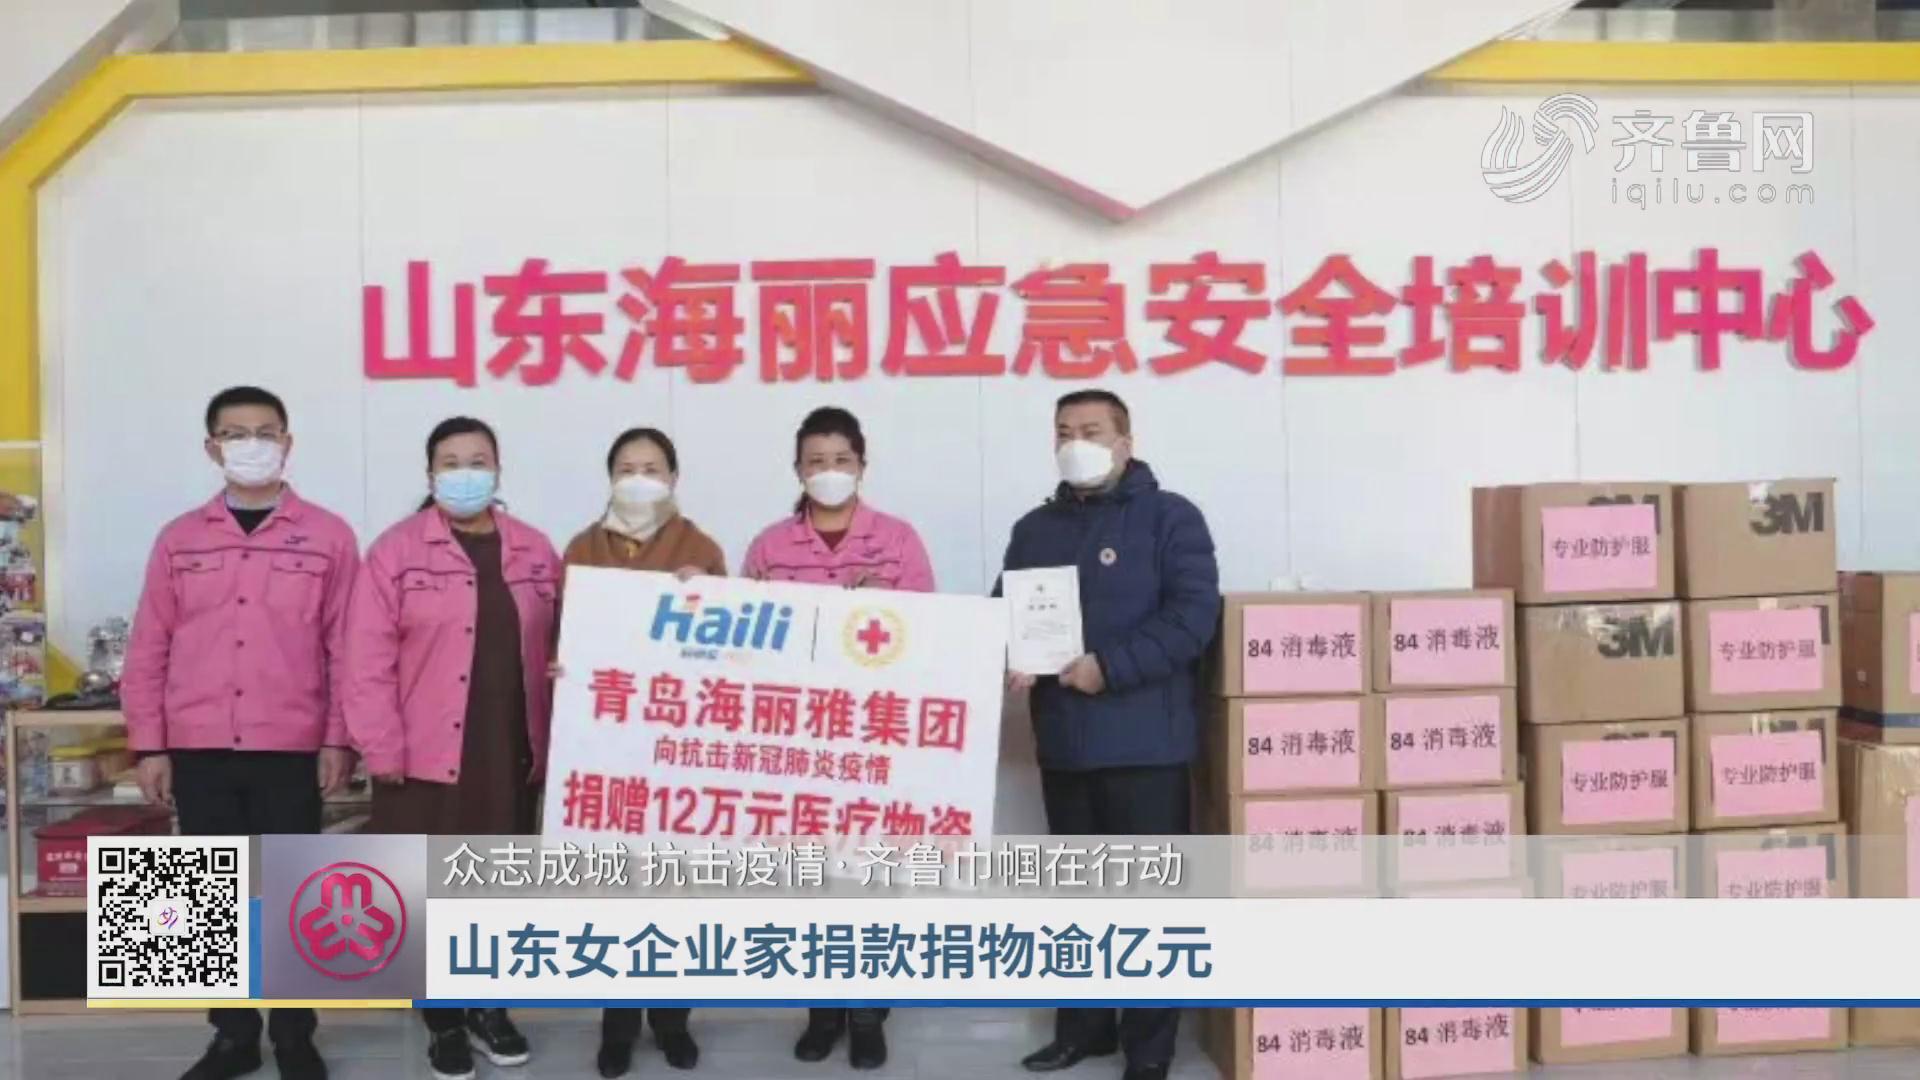 山东女企业家捐款捐物逾亿元